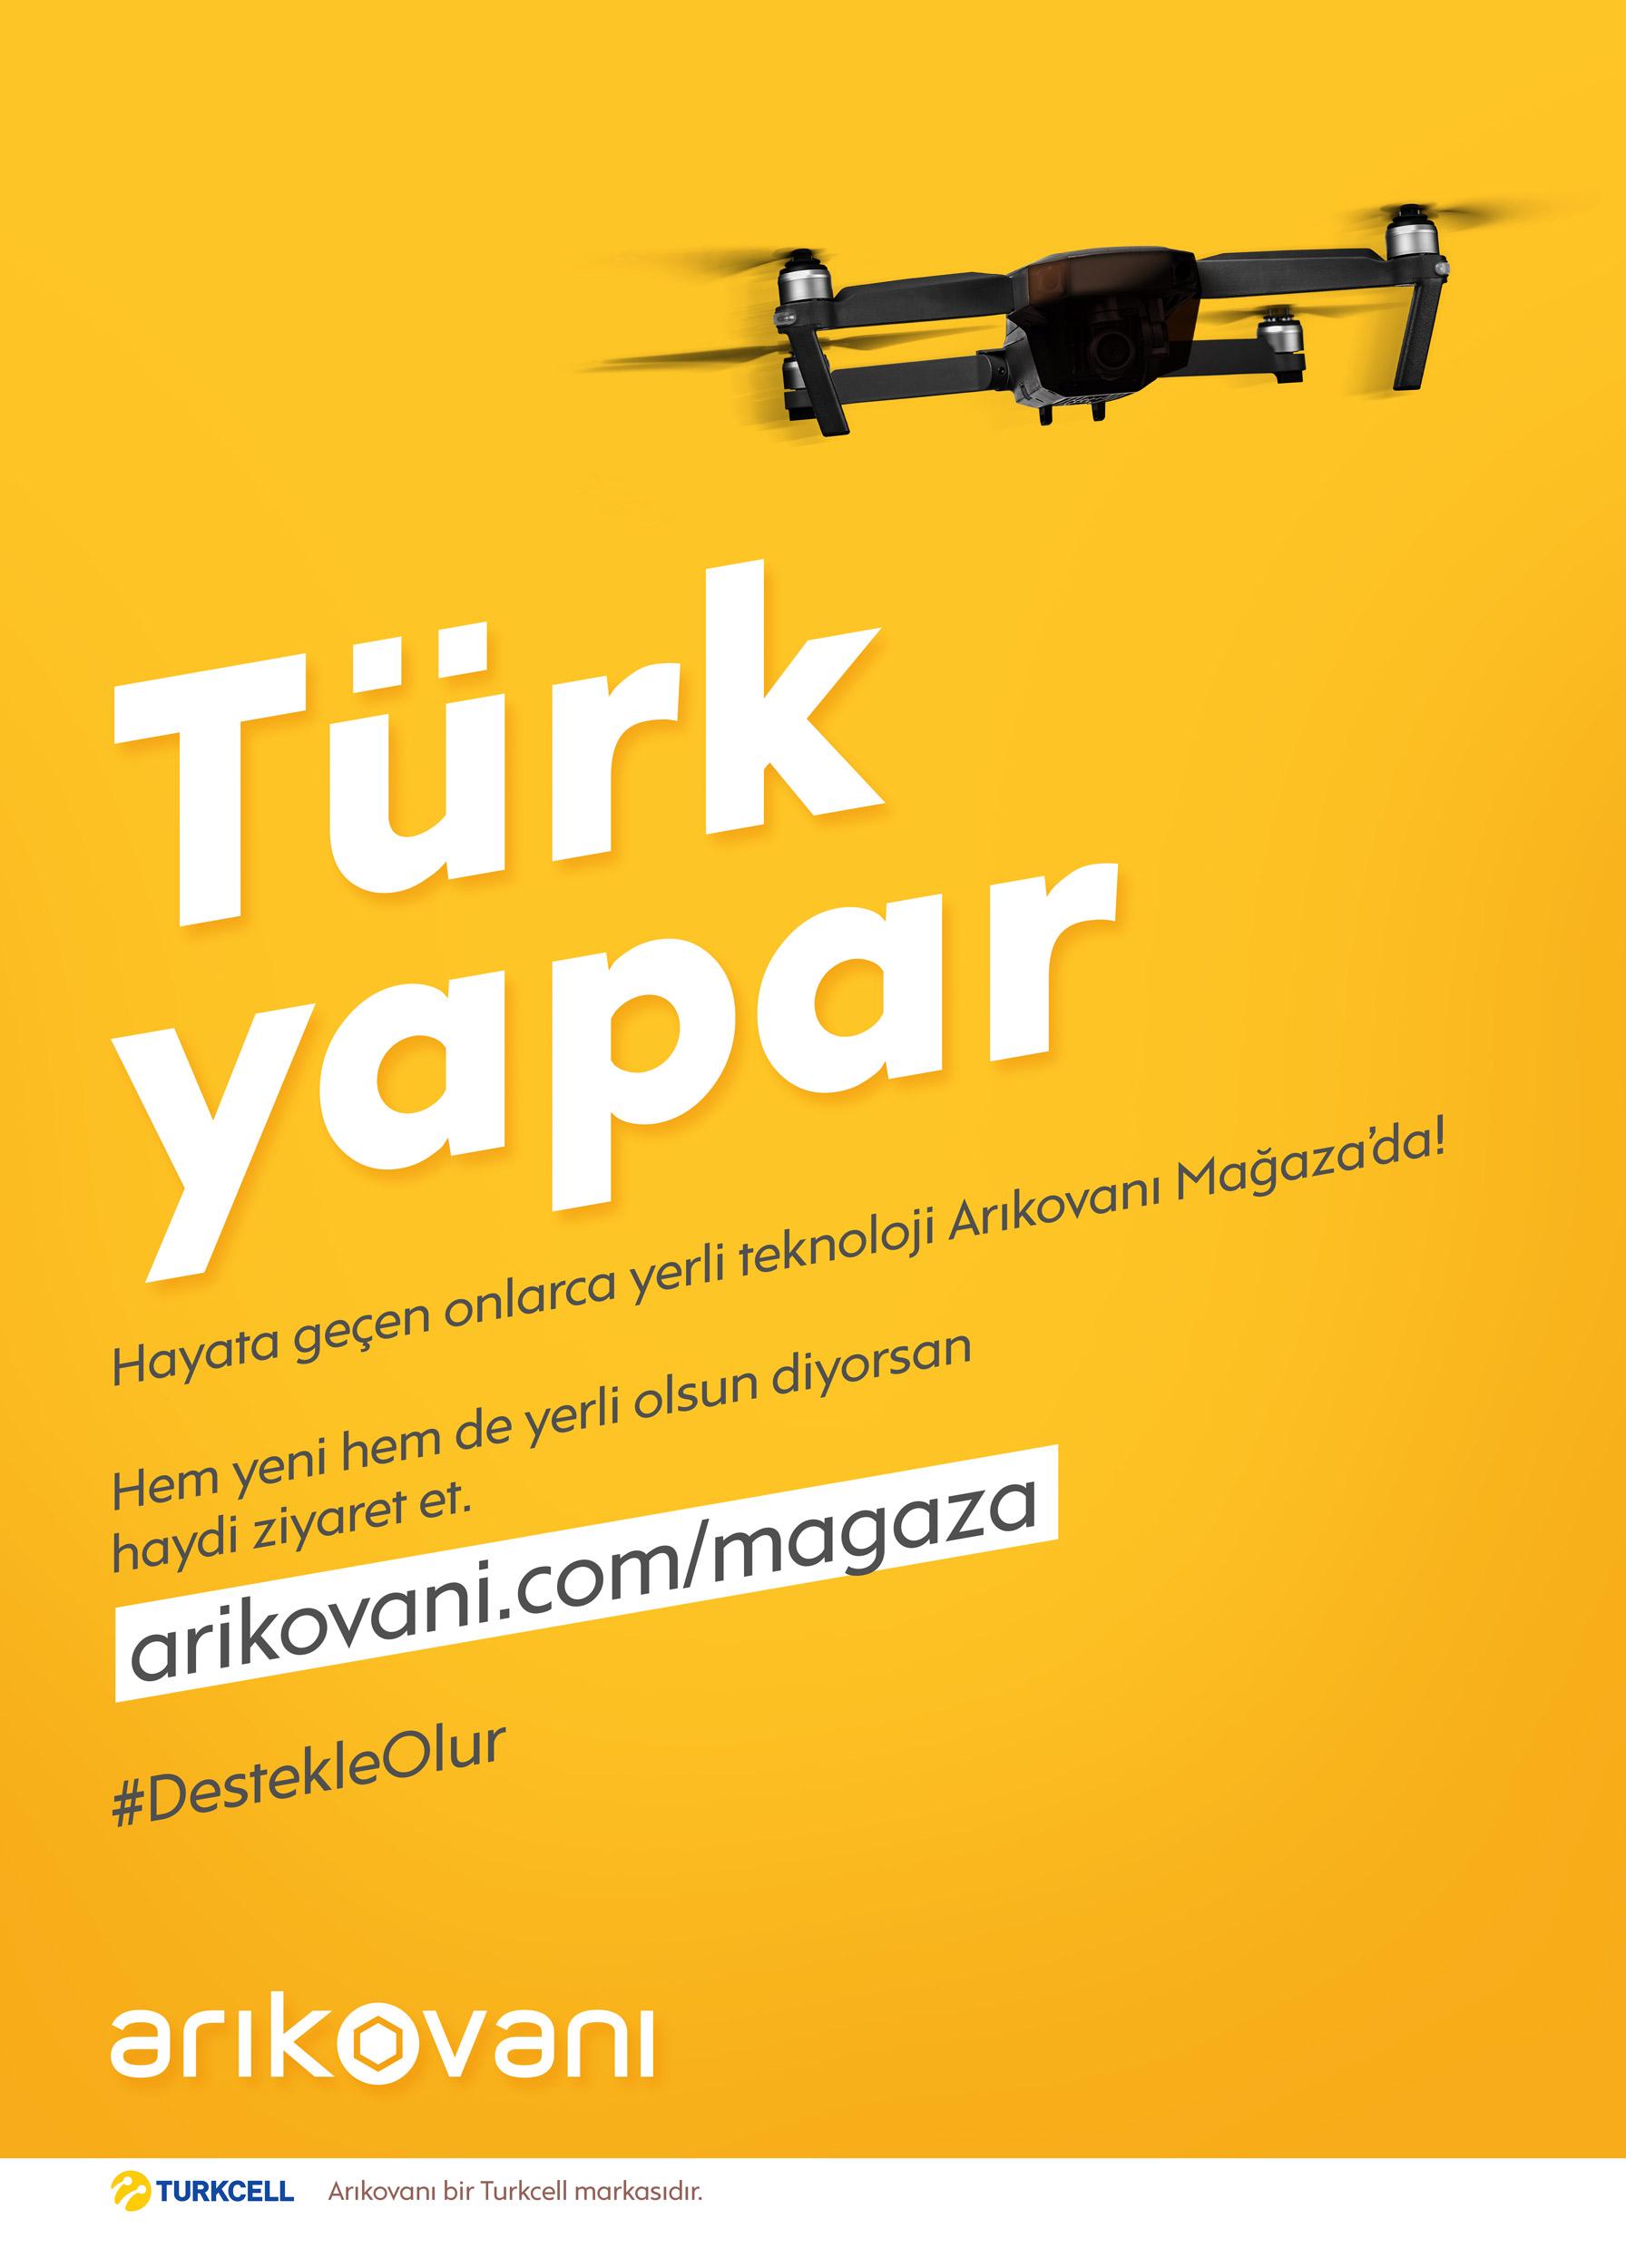 turkcell-arıkovanı-reklamı-türkiyenin-reklamları-reklamlar-kitle-fonlama